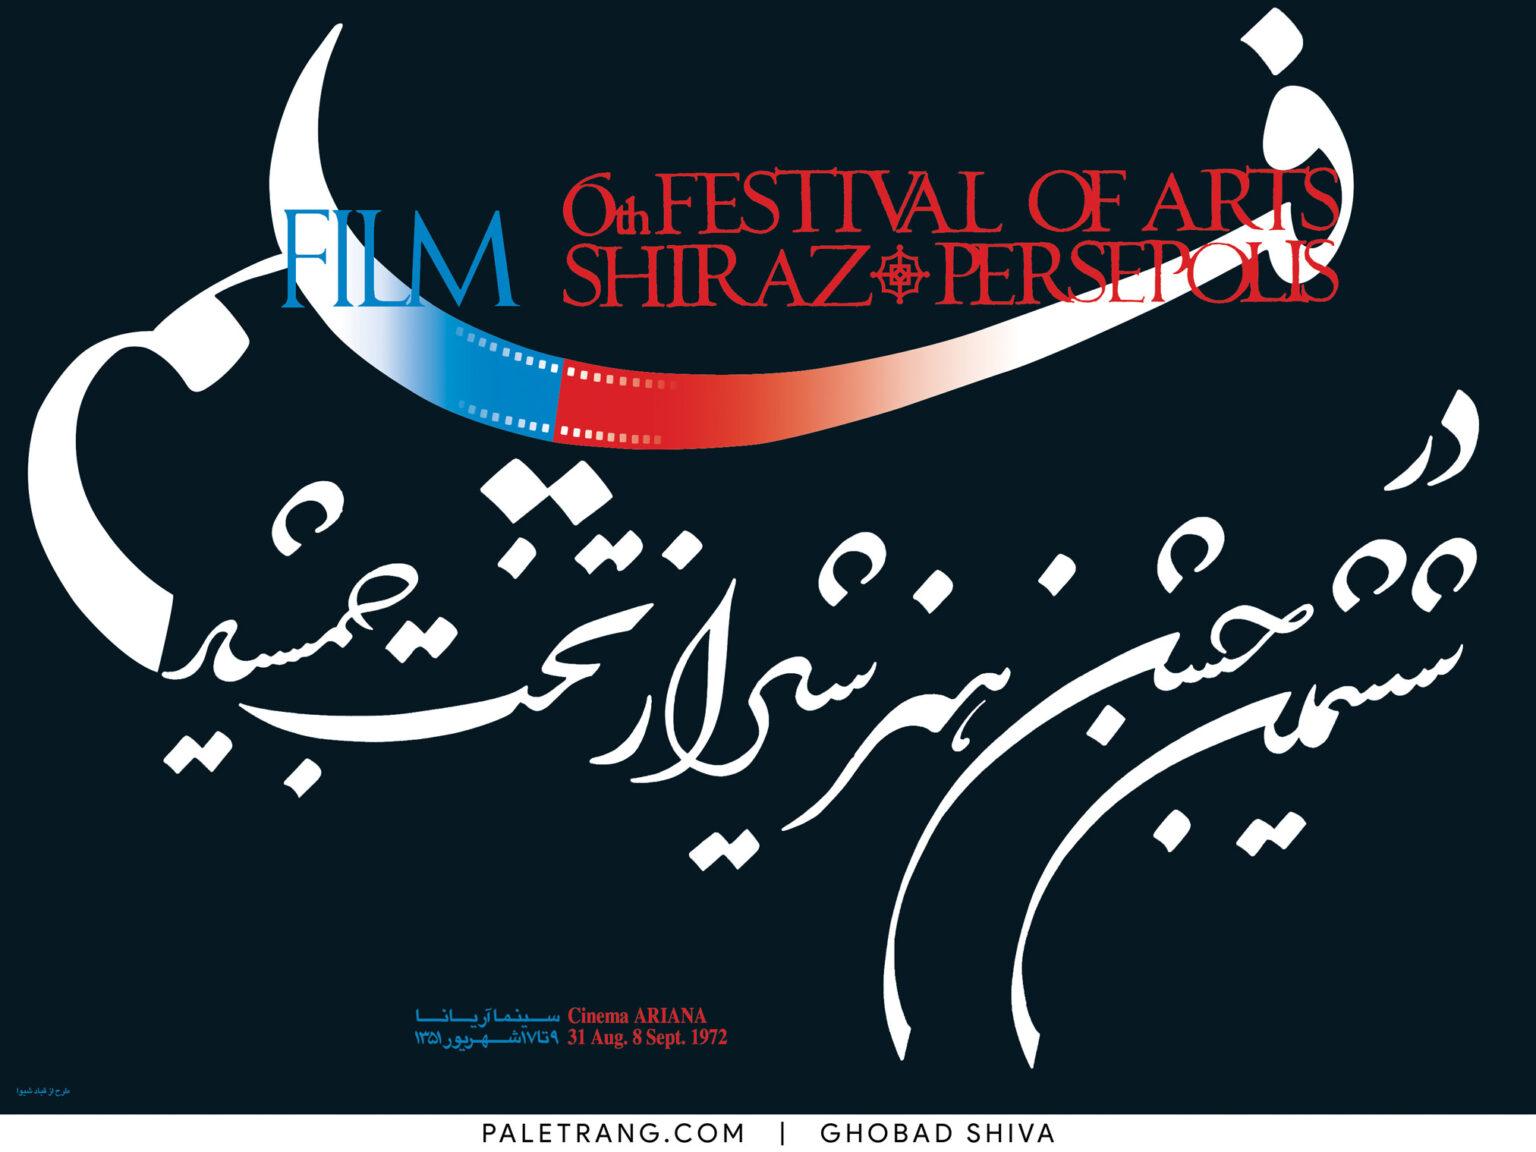 پوستر ششمین جشن هنر شیراز اثر قباد شیوا